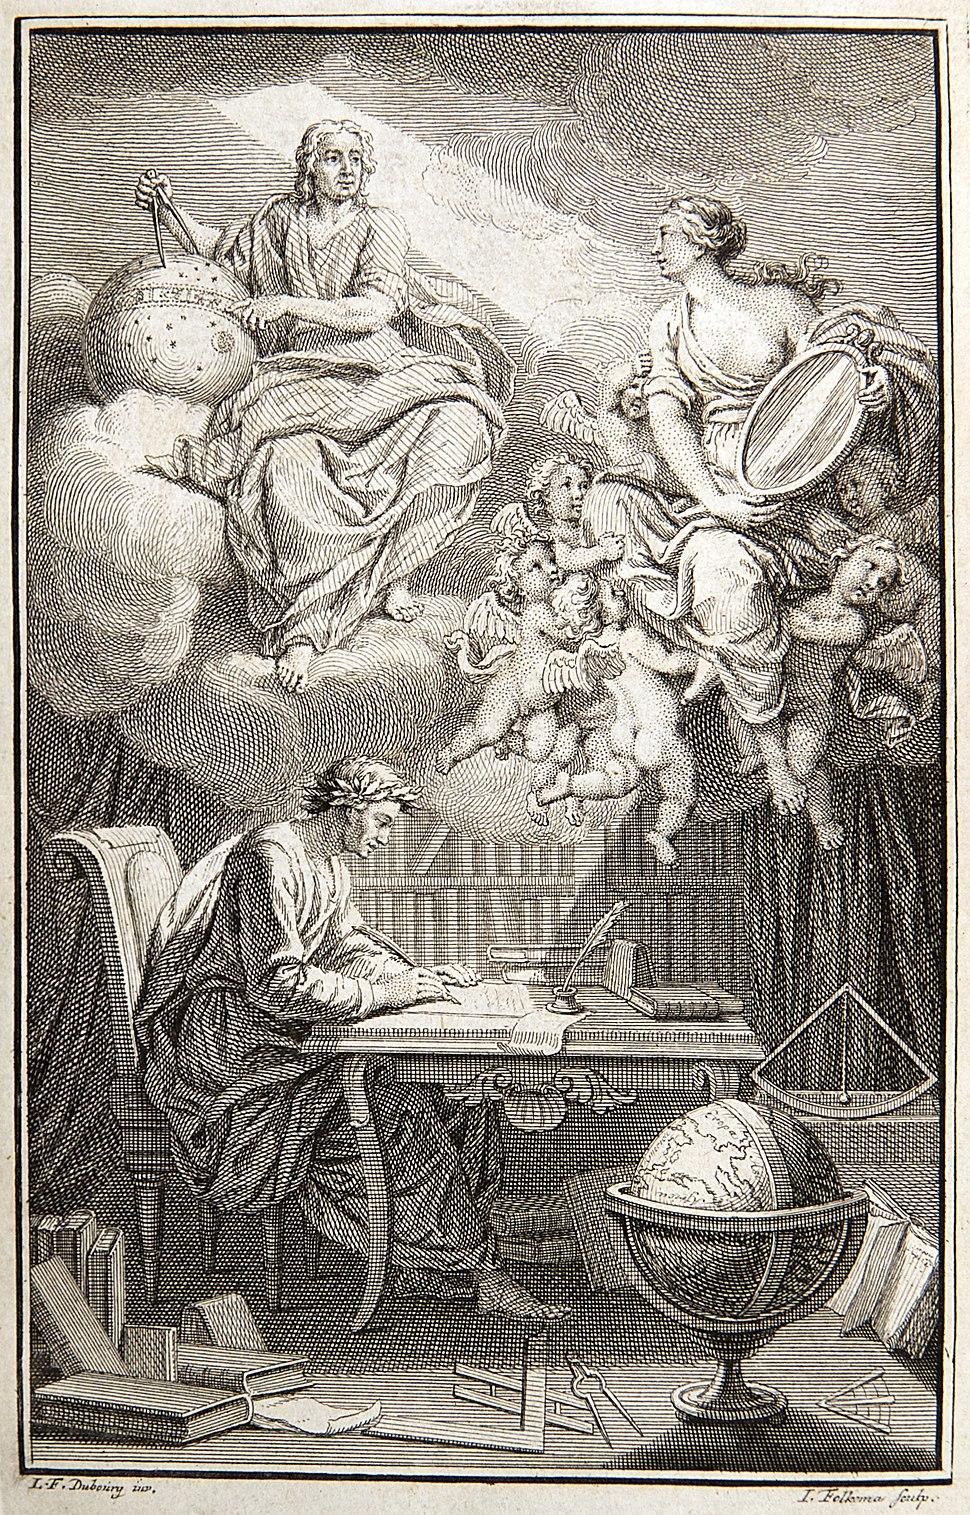 Voltaire Philosophy of Newton frontispiece